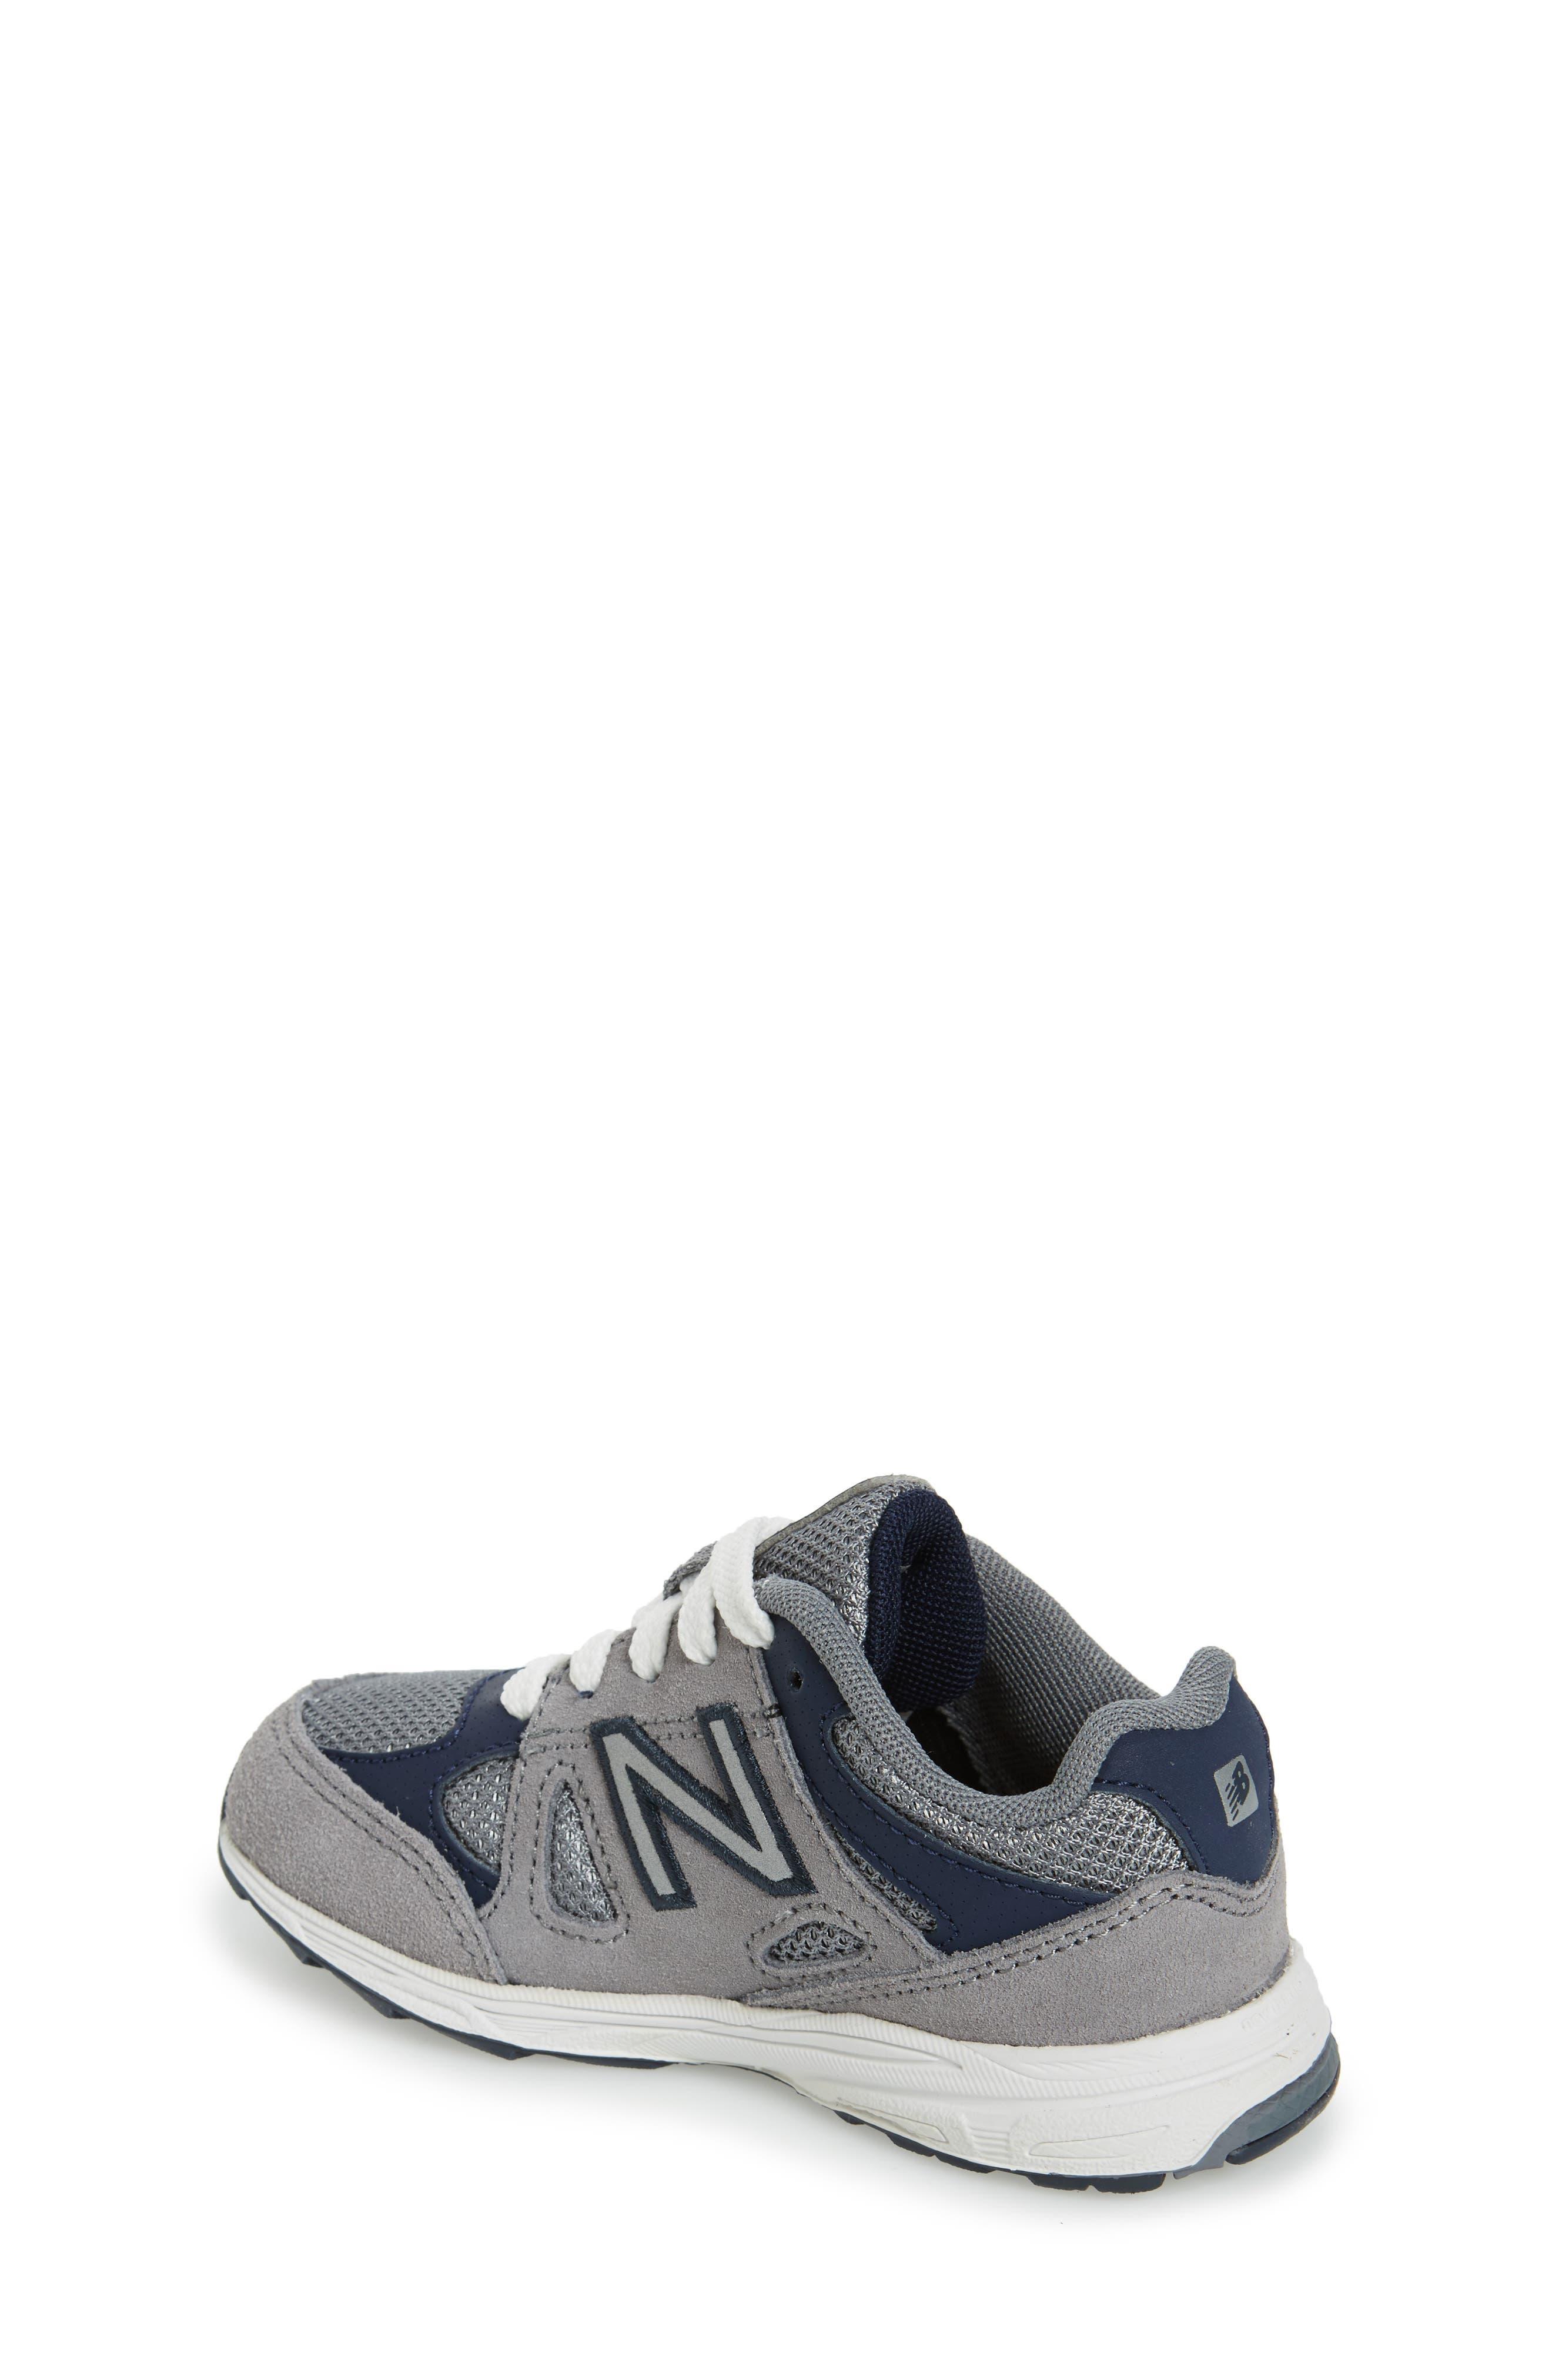 888 Sneaker,                             Alternate thumbnail 2, color,                             033